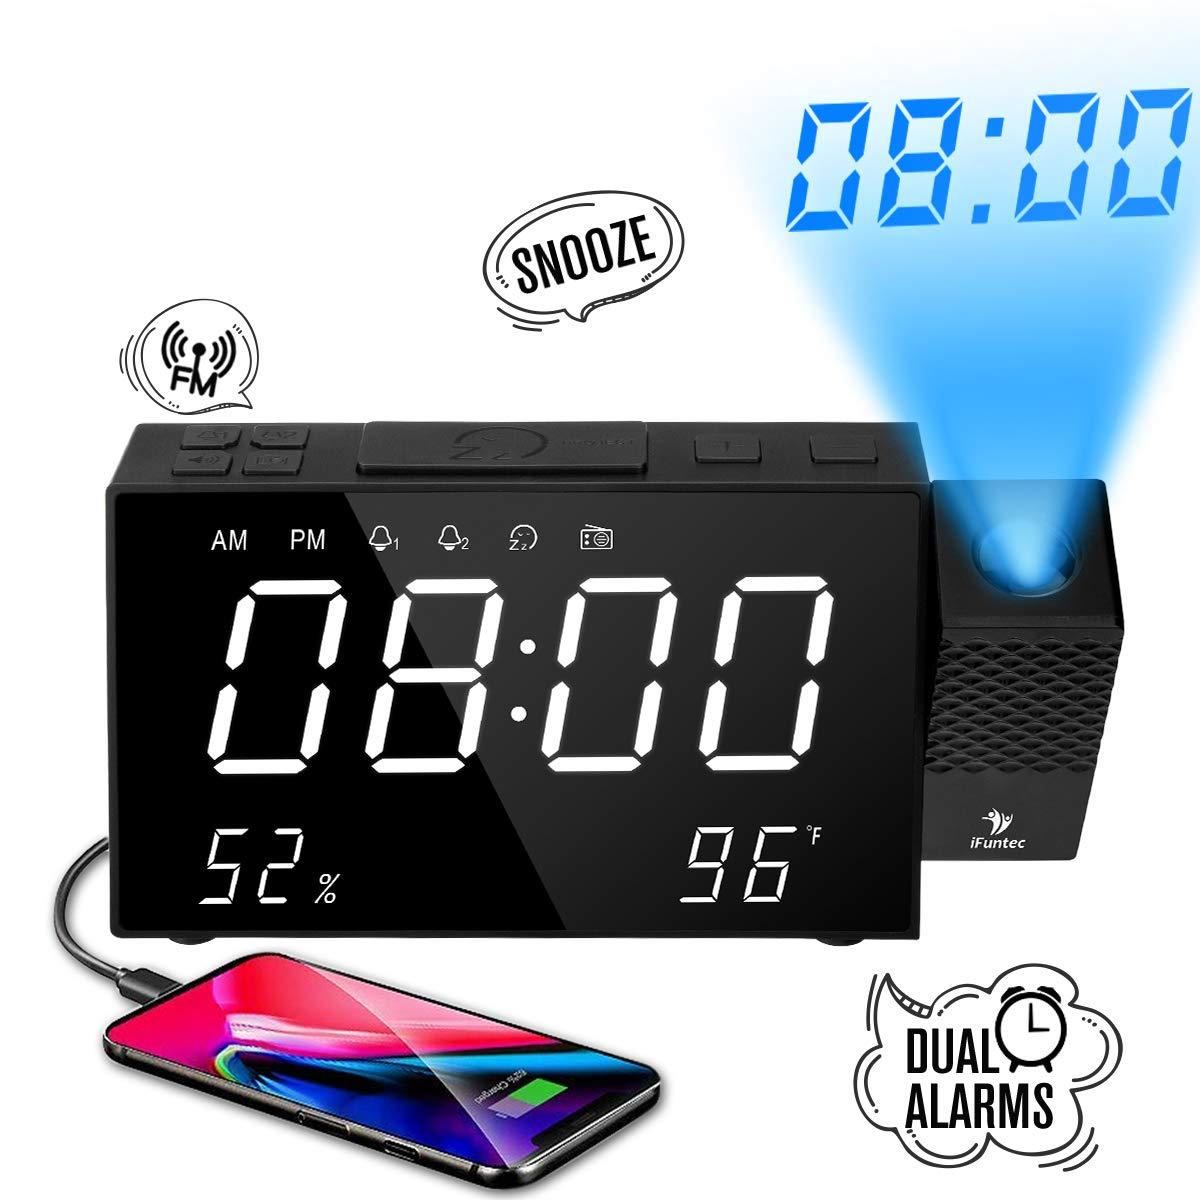 Despertador Proyector, Despertador Reloj Digital de Proyección, con Radio FM, Alarmas Dobles,